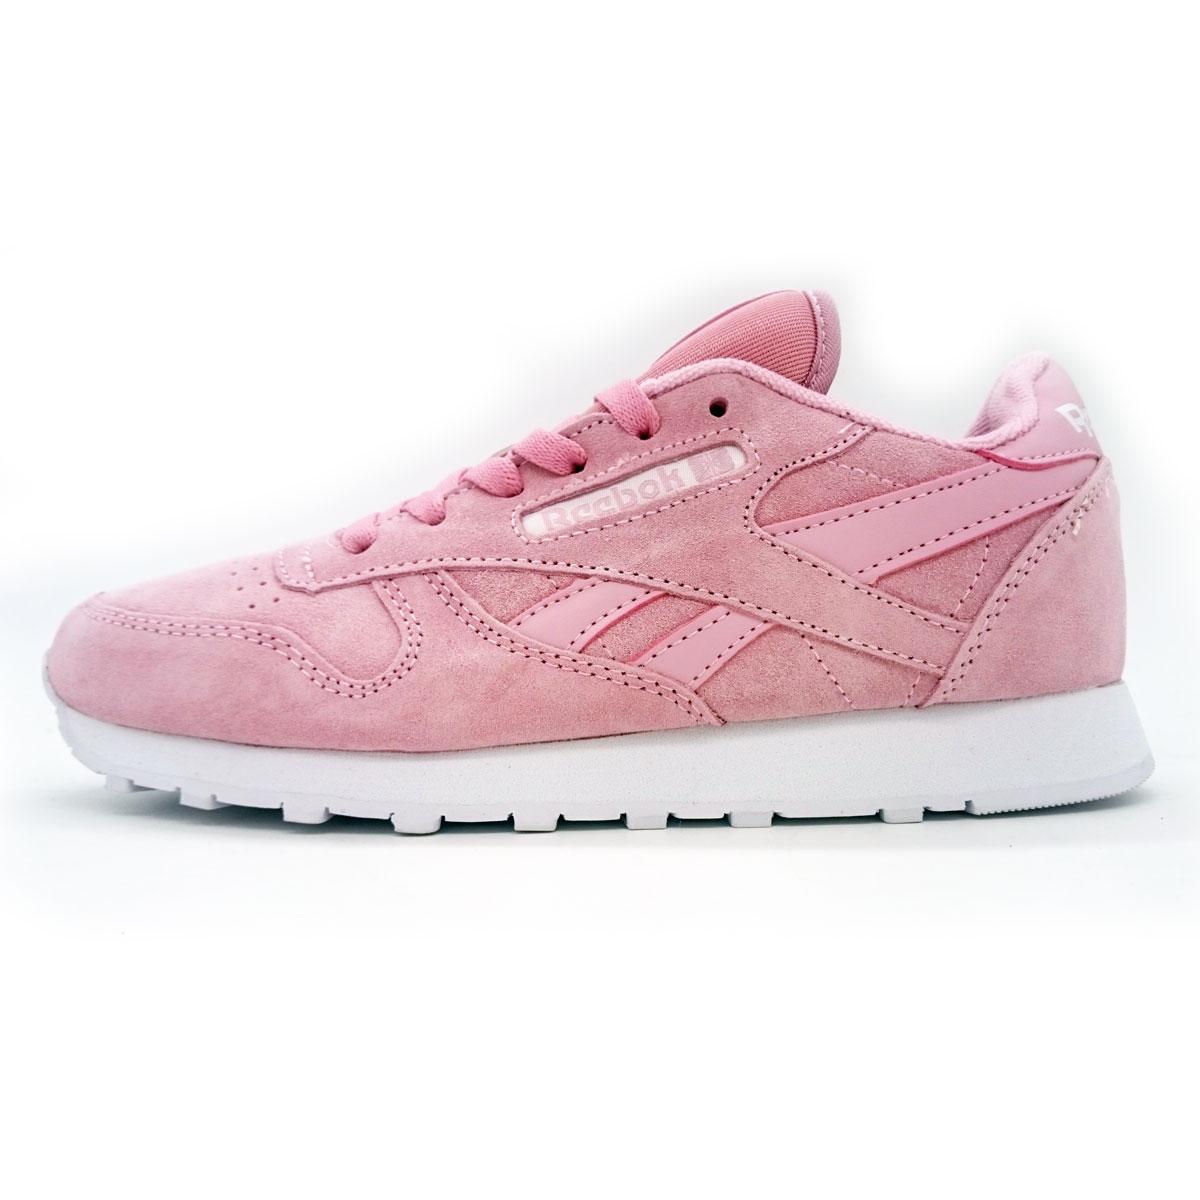 фото main Женские кроссовки Reebok classic leather pink(Рибок класик розовые натуральная замша) main